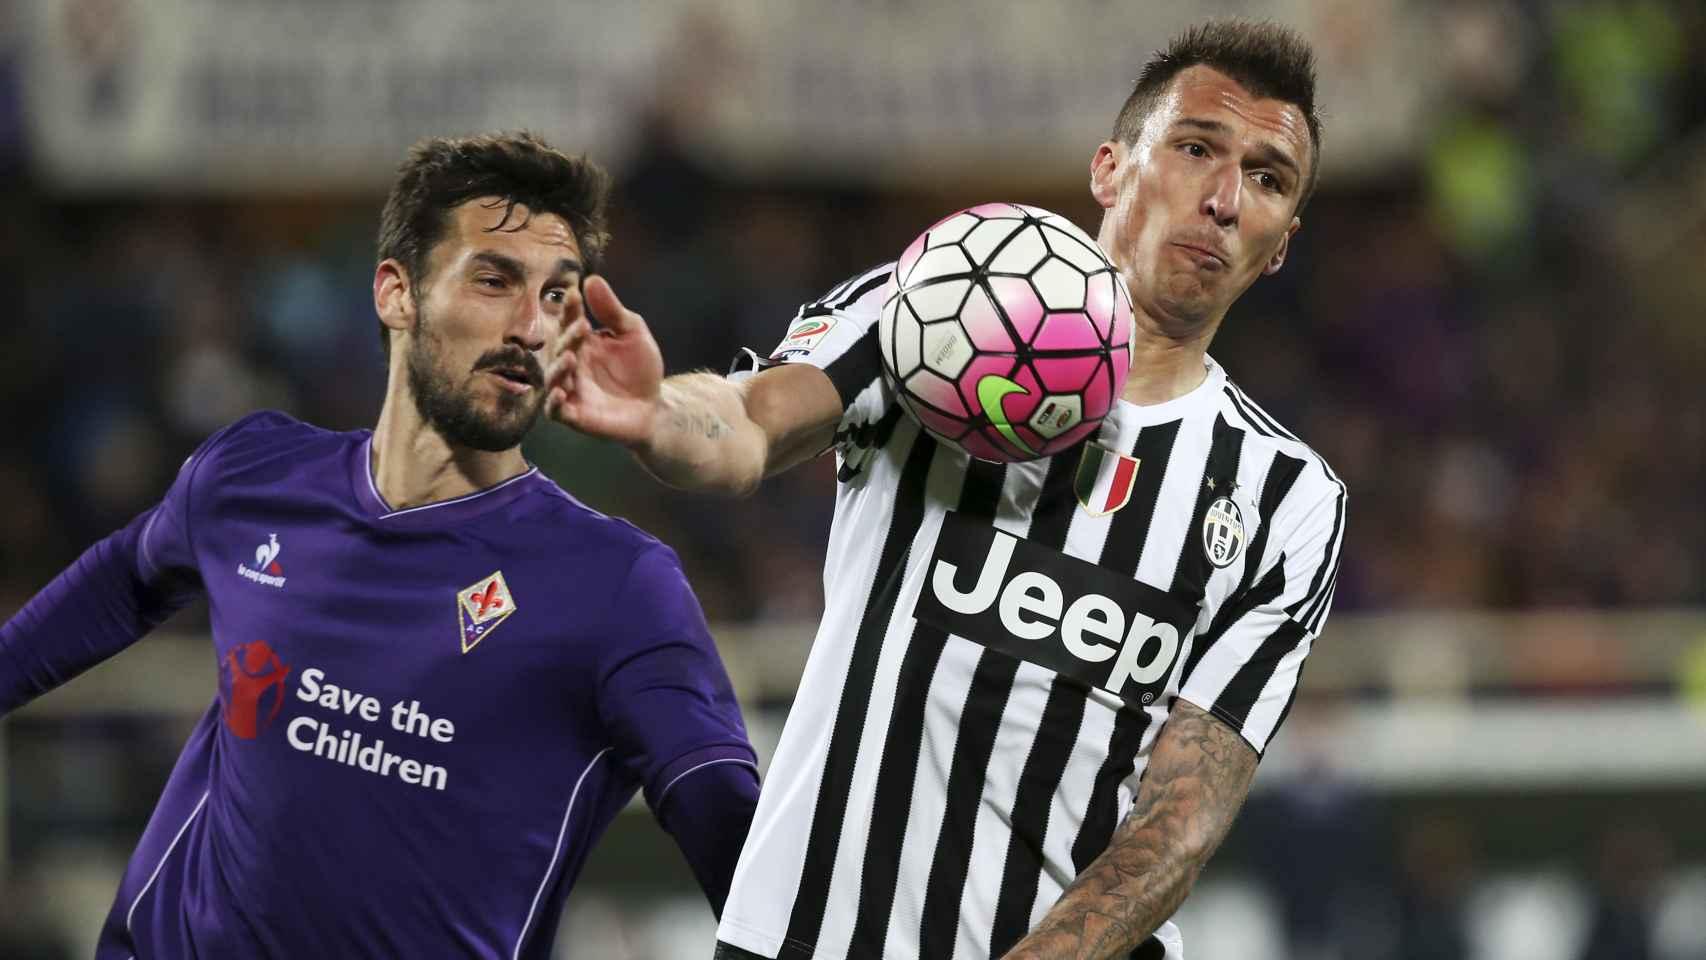 Mario Mandzukic en acción ante Davide Astori, de la Fiorentina.